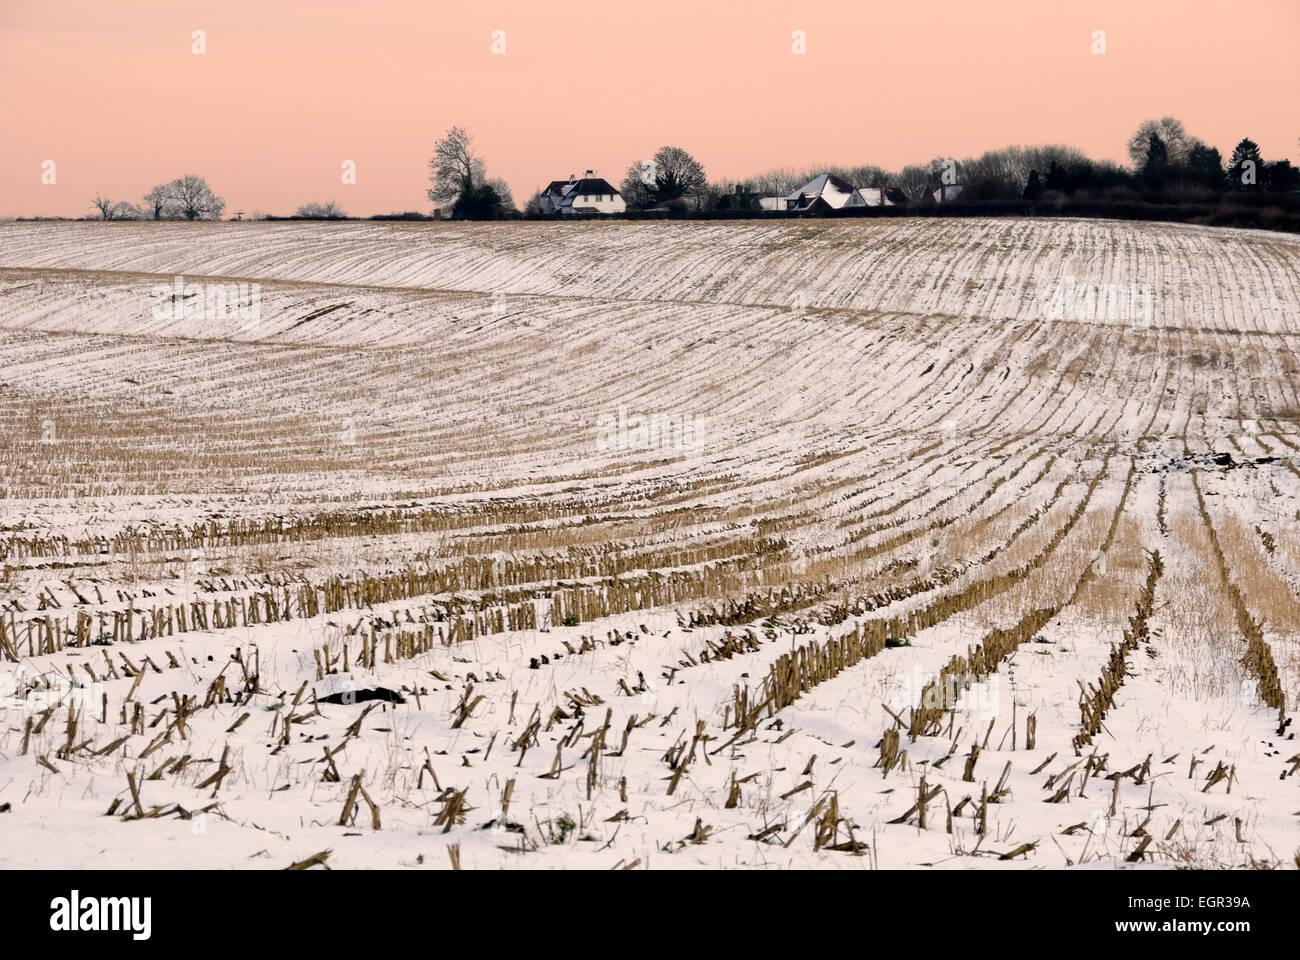 Mediados de invierno -campo cubierto de nieve - líneas de rastrojo que conduce a las cabañas y esbozó Imagen De Stock